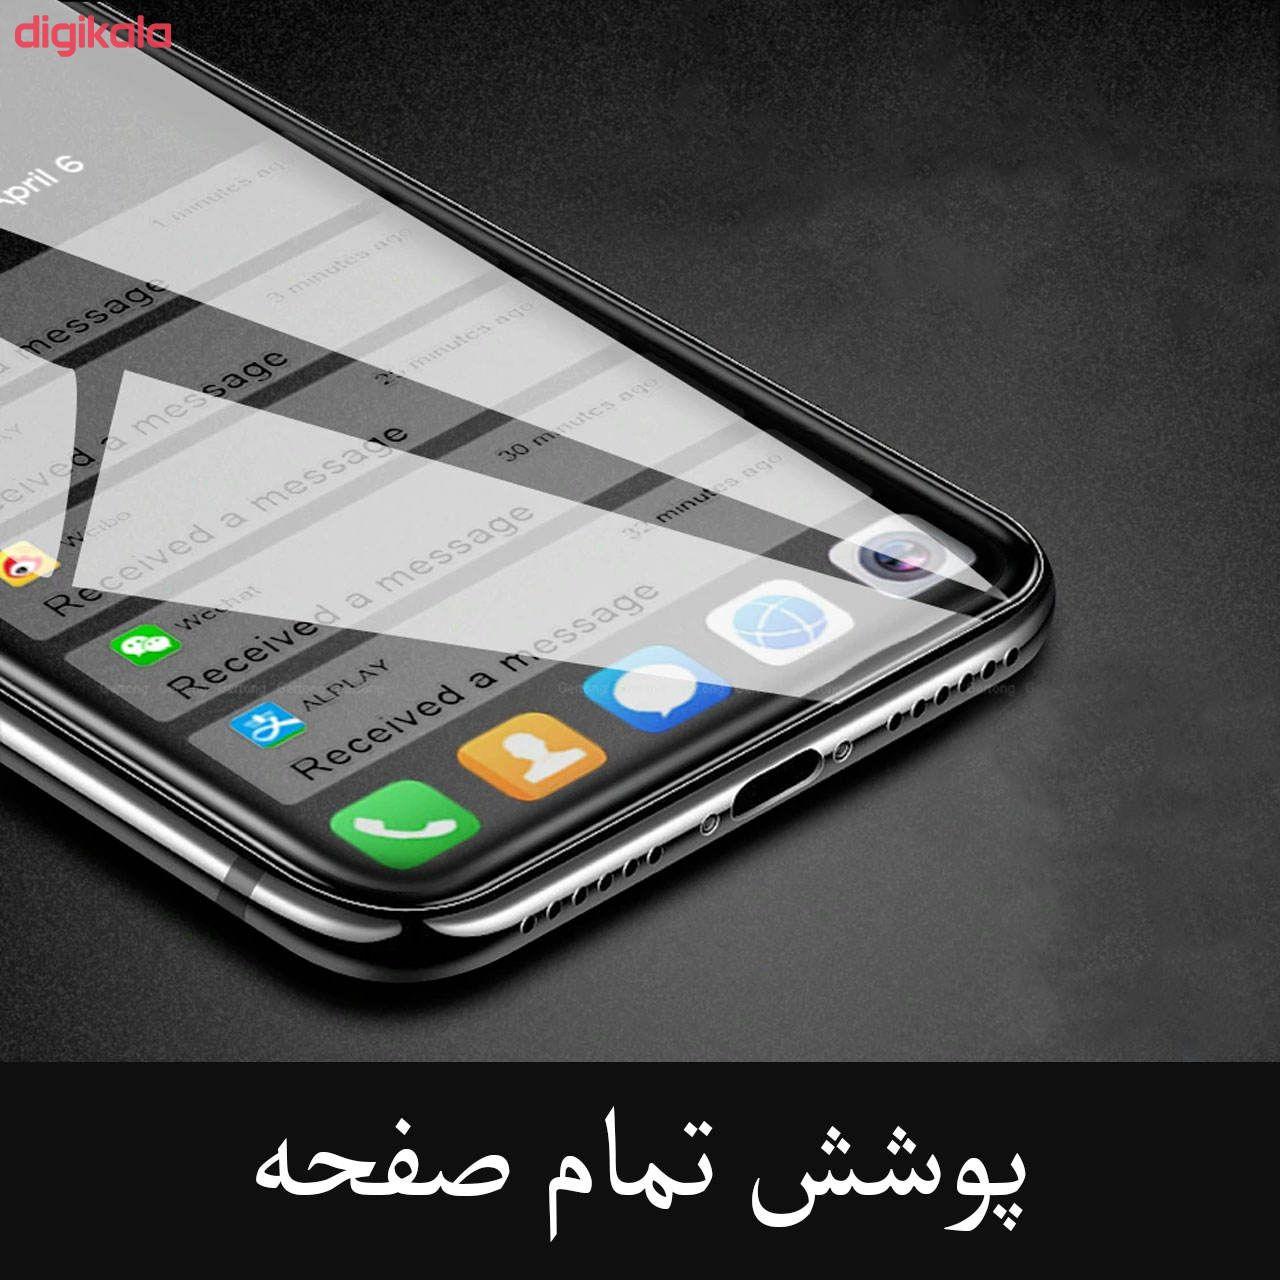 محافظ صفحه نمایش مدل FG-01 مناسب برای گوشی موبایل سامسونگ Galaxy J7 2015 main 1 8